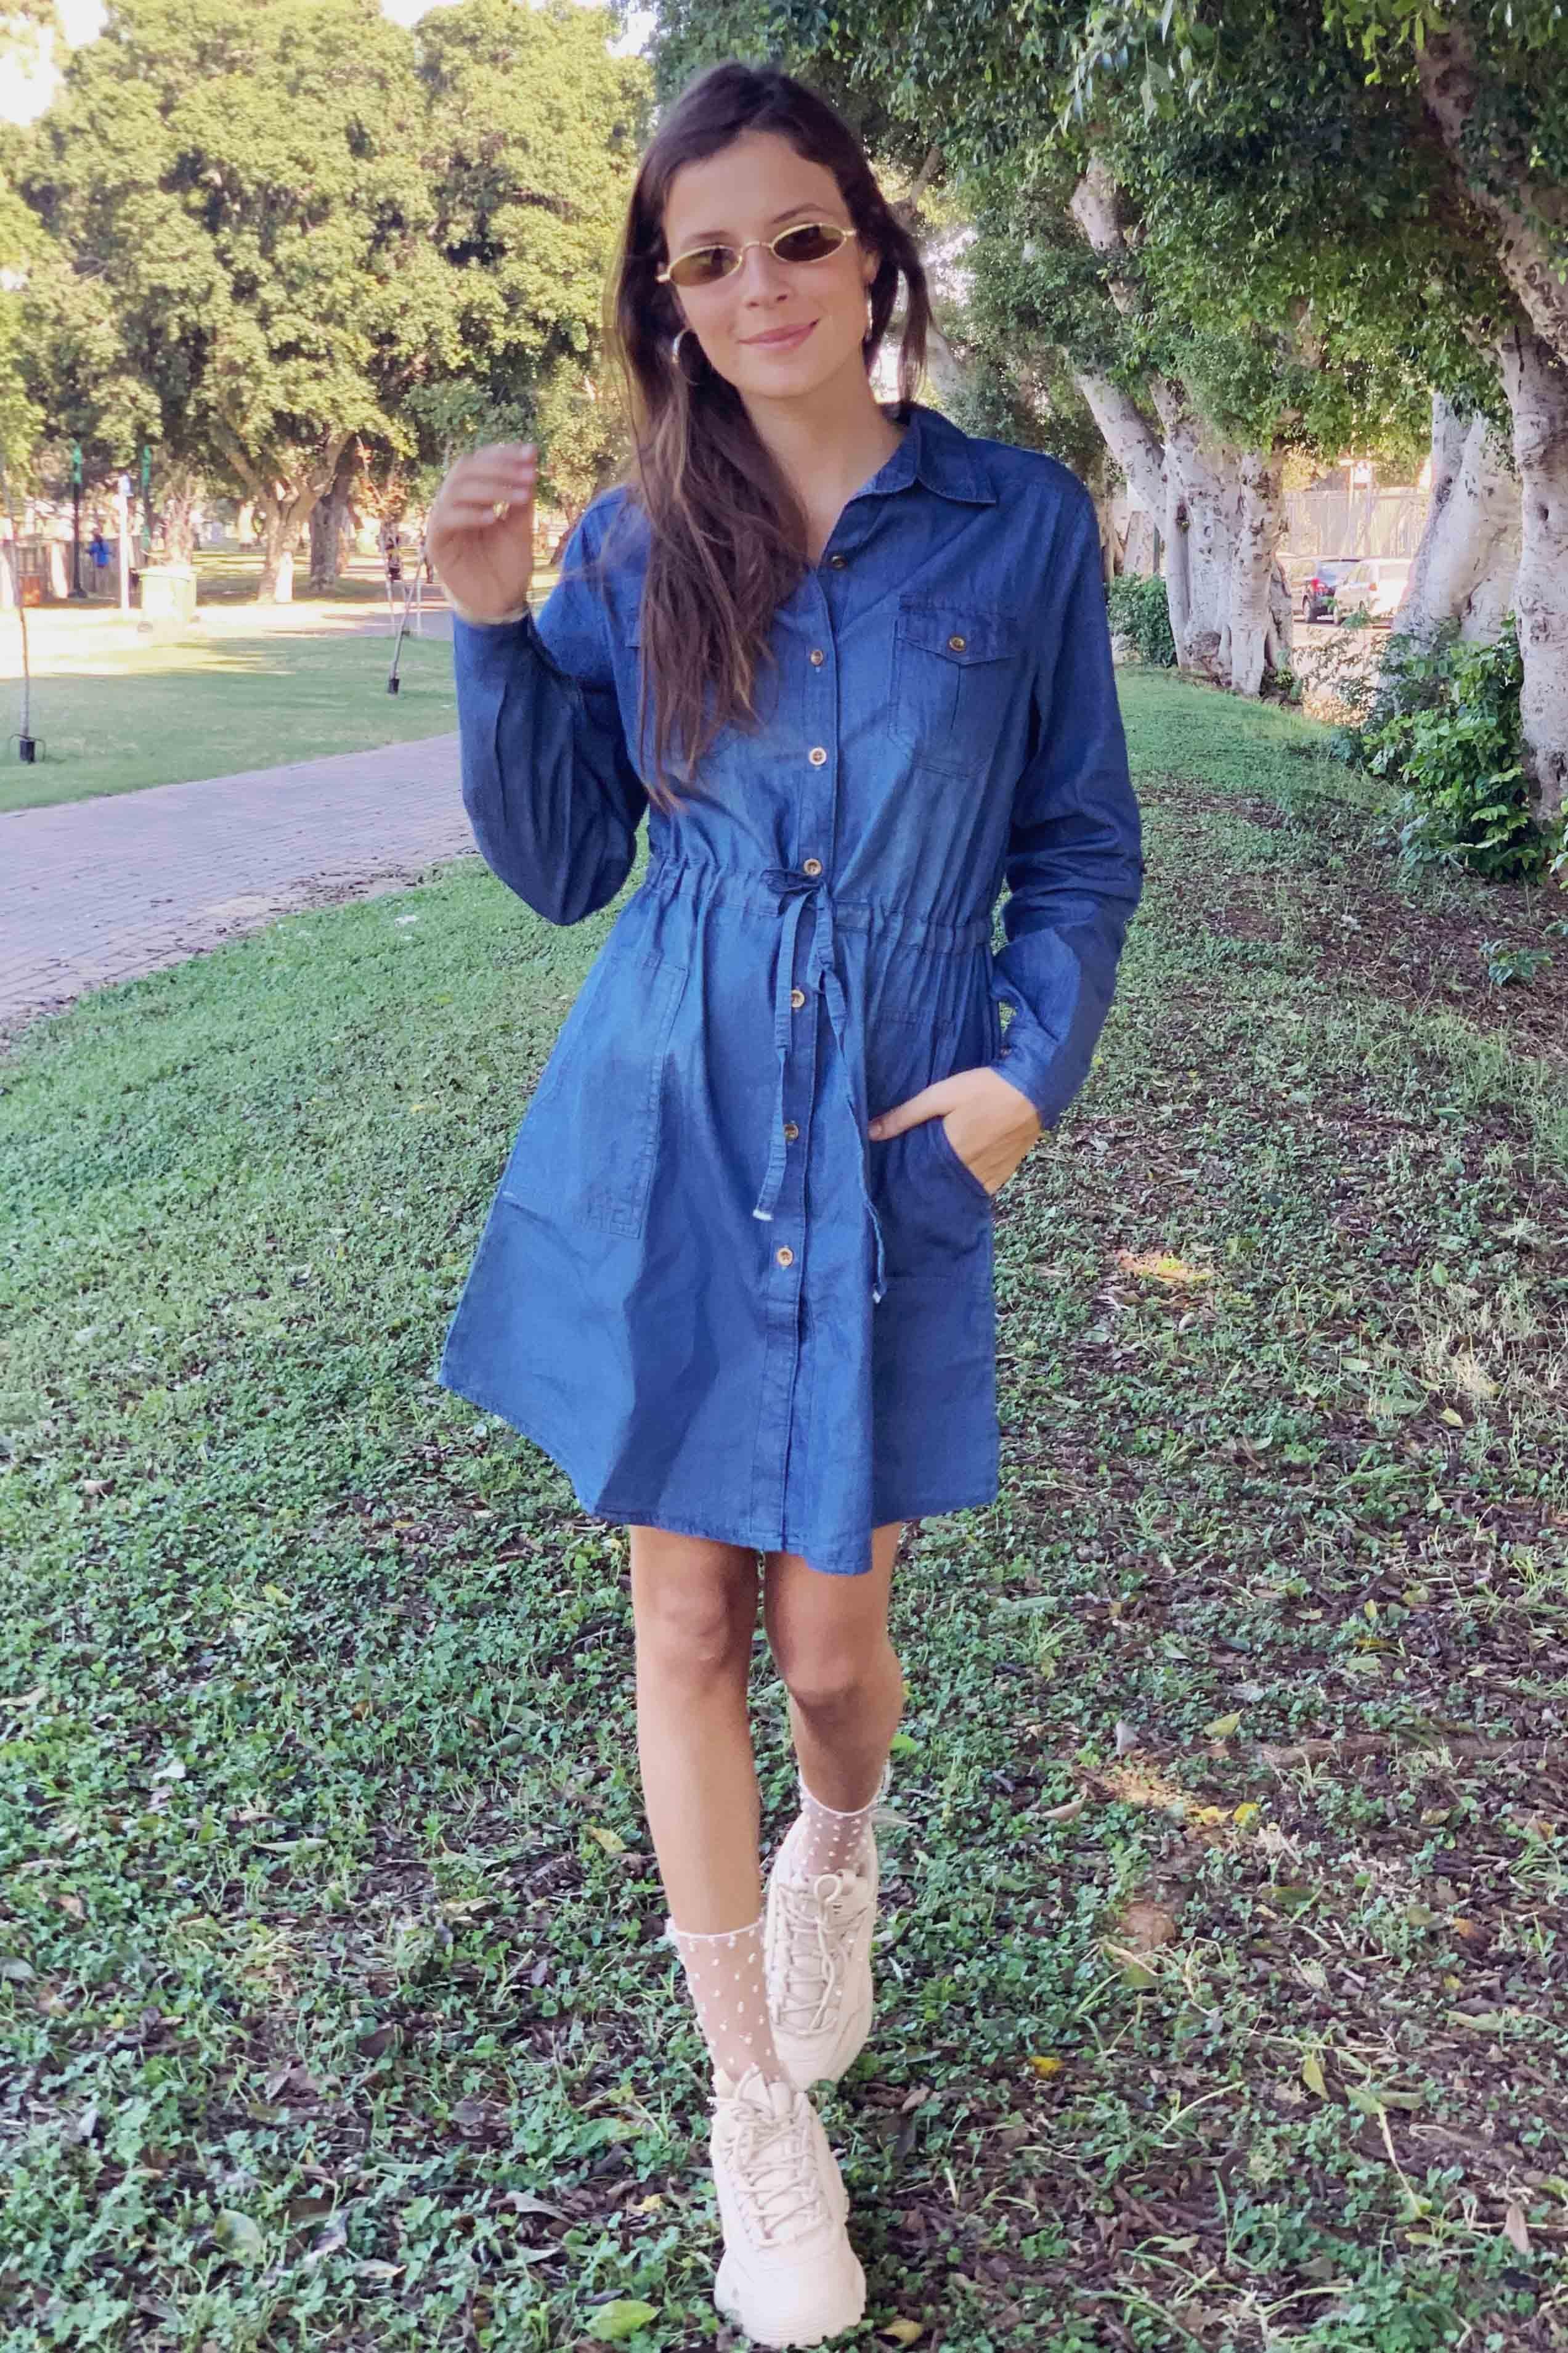 שמלת ג'ינס שרוך קשירה שרוול ארוך